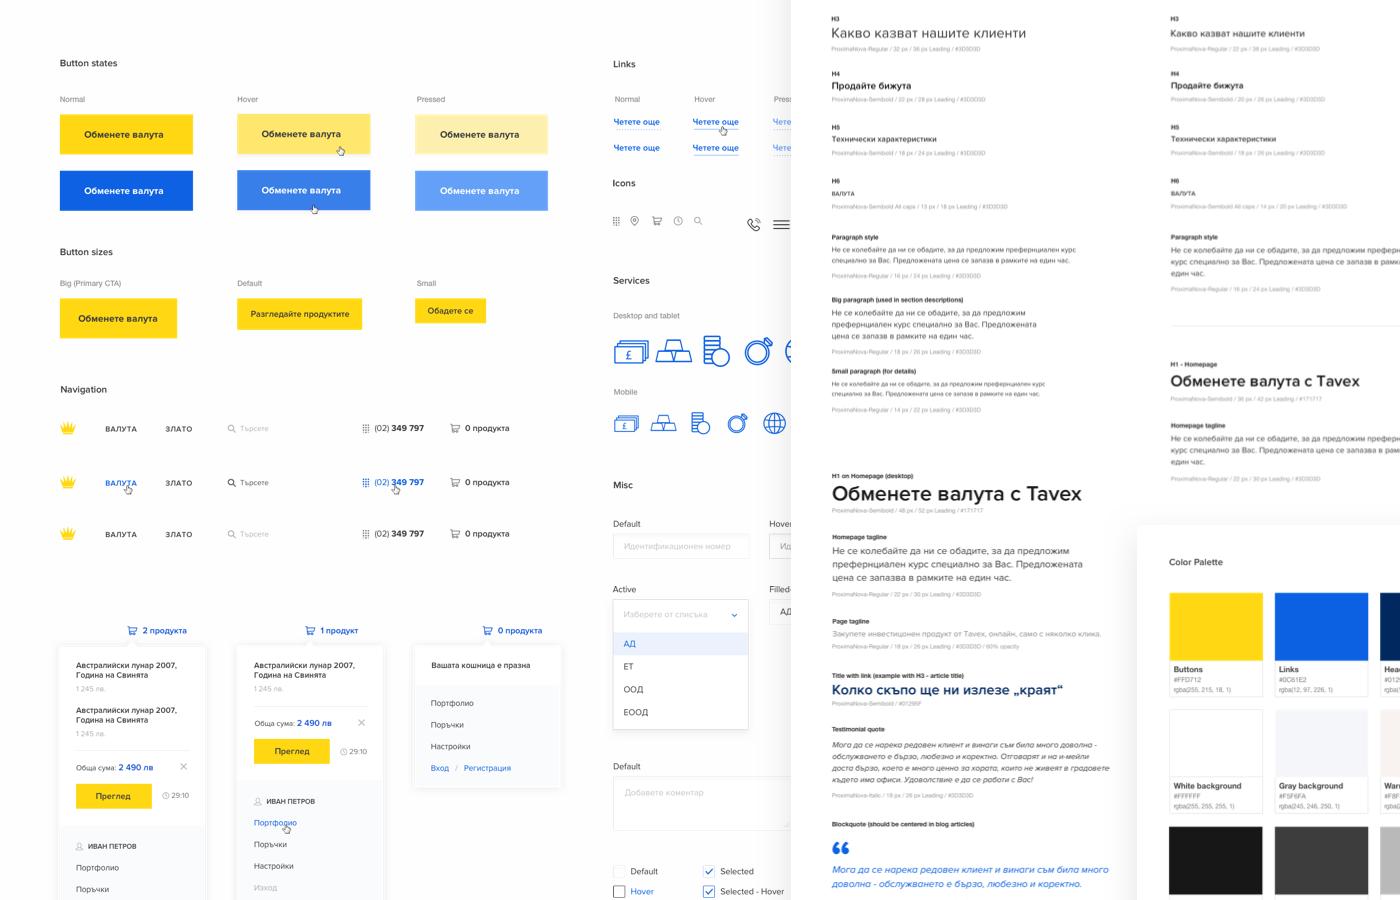 tavex-redesign-design-system